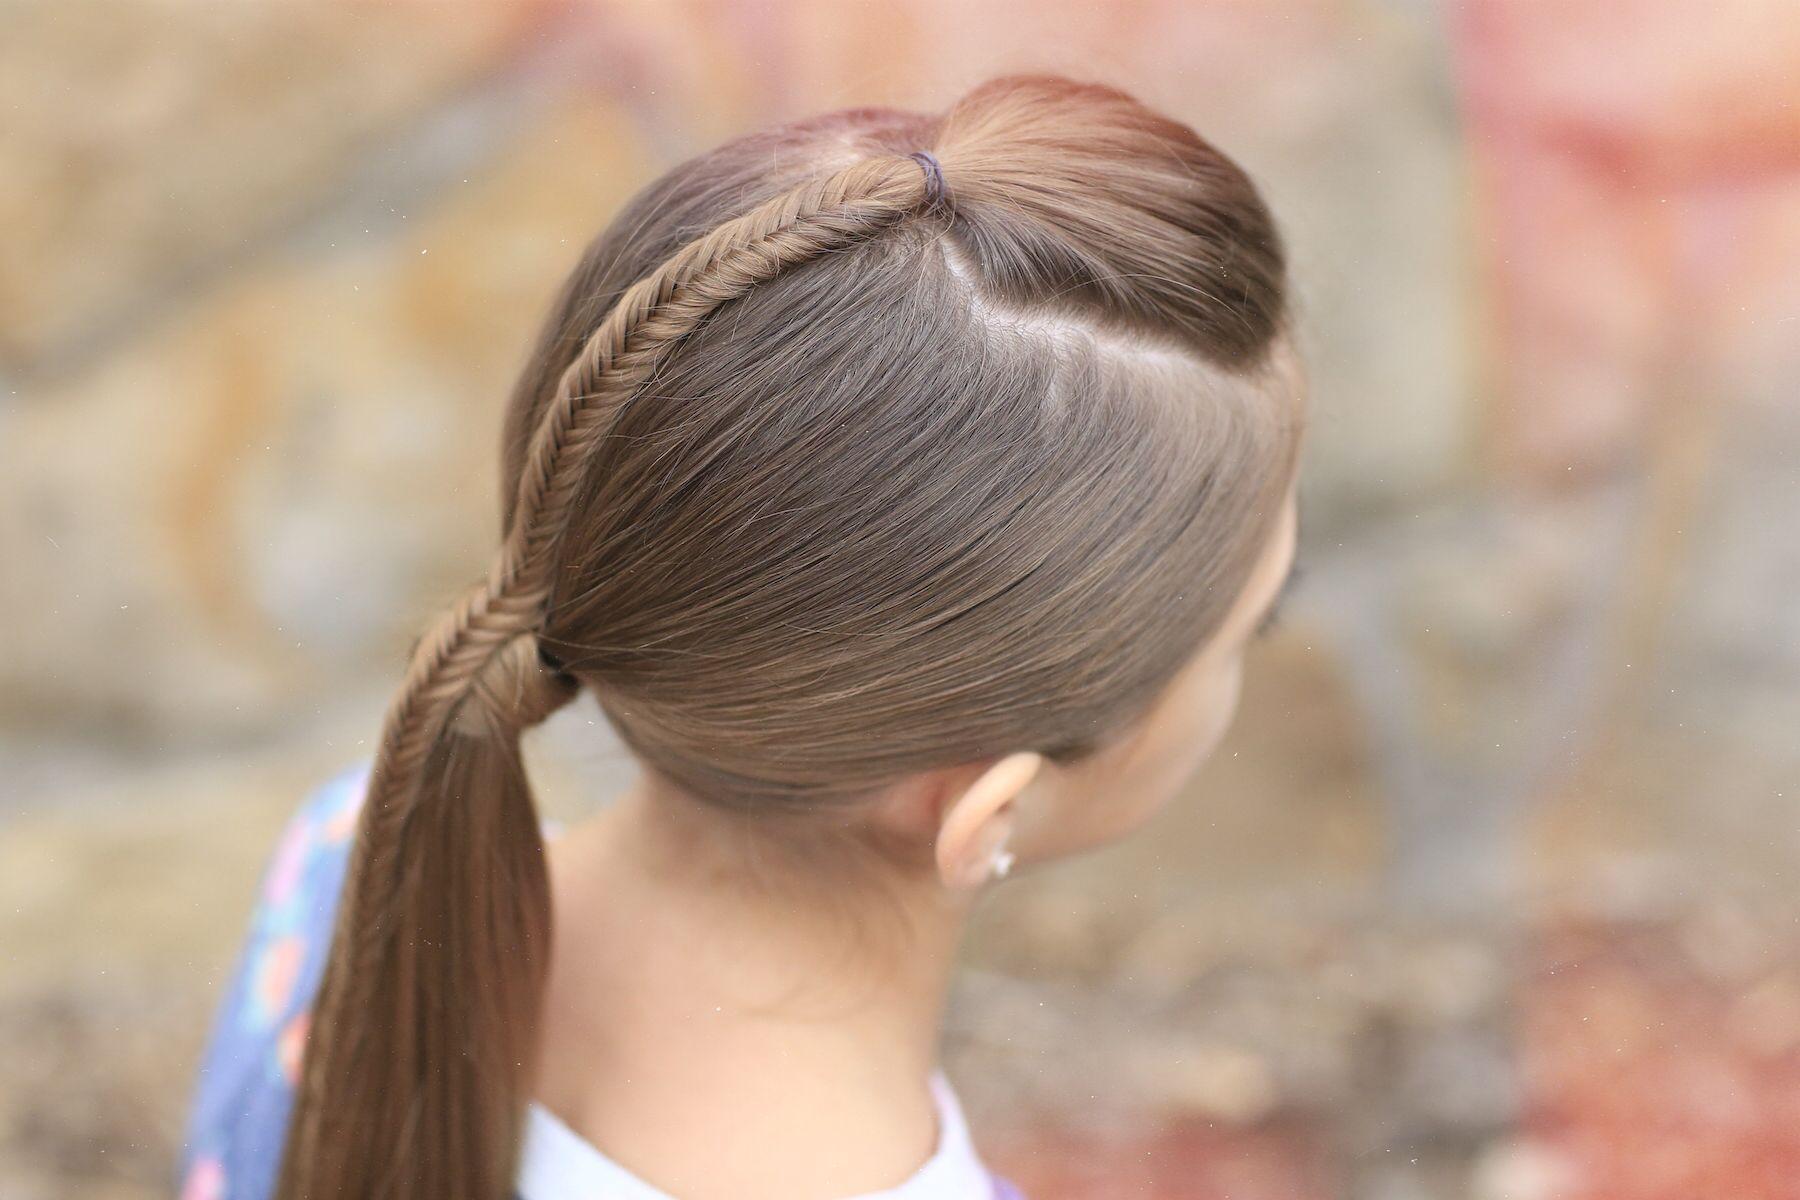 Fishtail Accented Ponytail Hairstyles For Sports Accented Fishtail Hairstyles Ponytail Sports Gaya Rambut Rambut Kepang Gaya Rambut Ekor Kuda